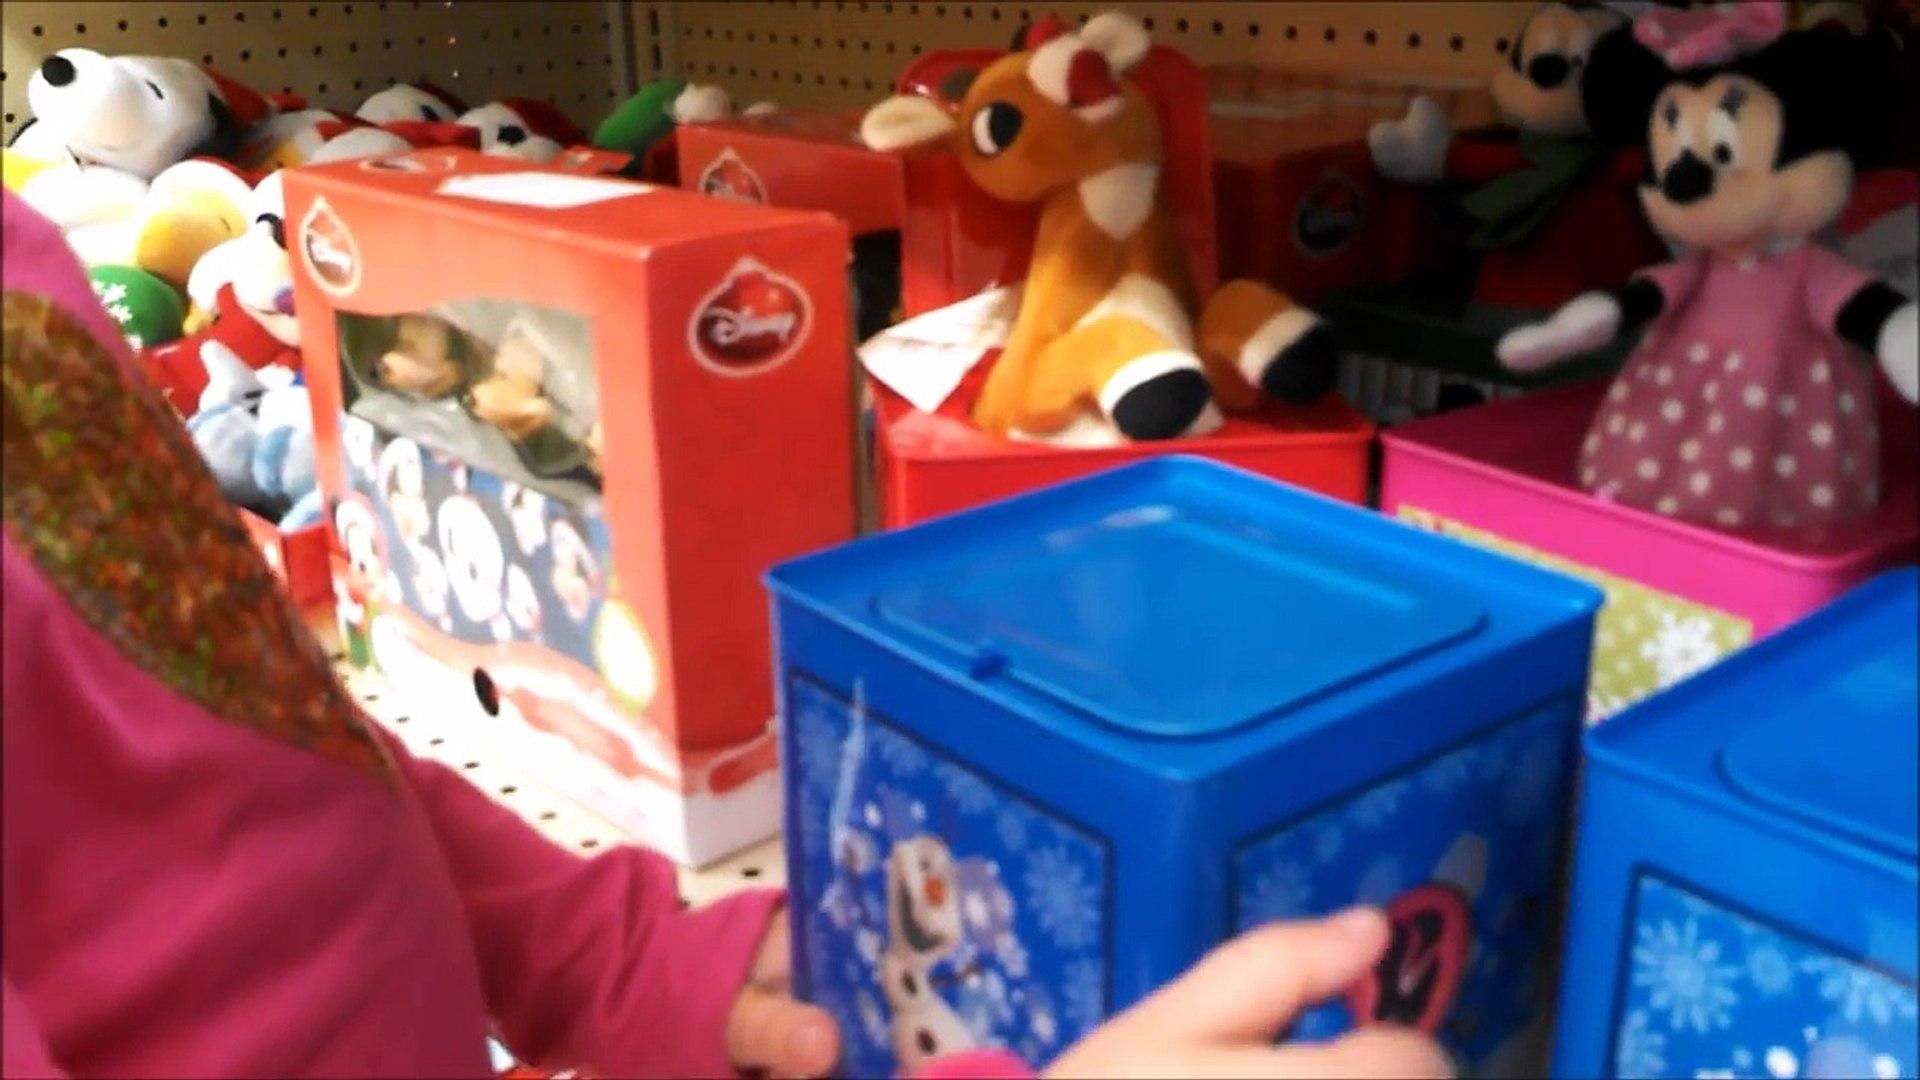 И Анна Аннабель на Рождество дисней Эльза замороженный замороженные бесконечность Подробнее Новые функции Новый плюс р р р р р р Игрушки нас нам с